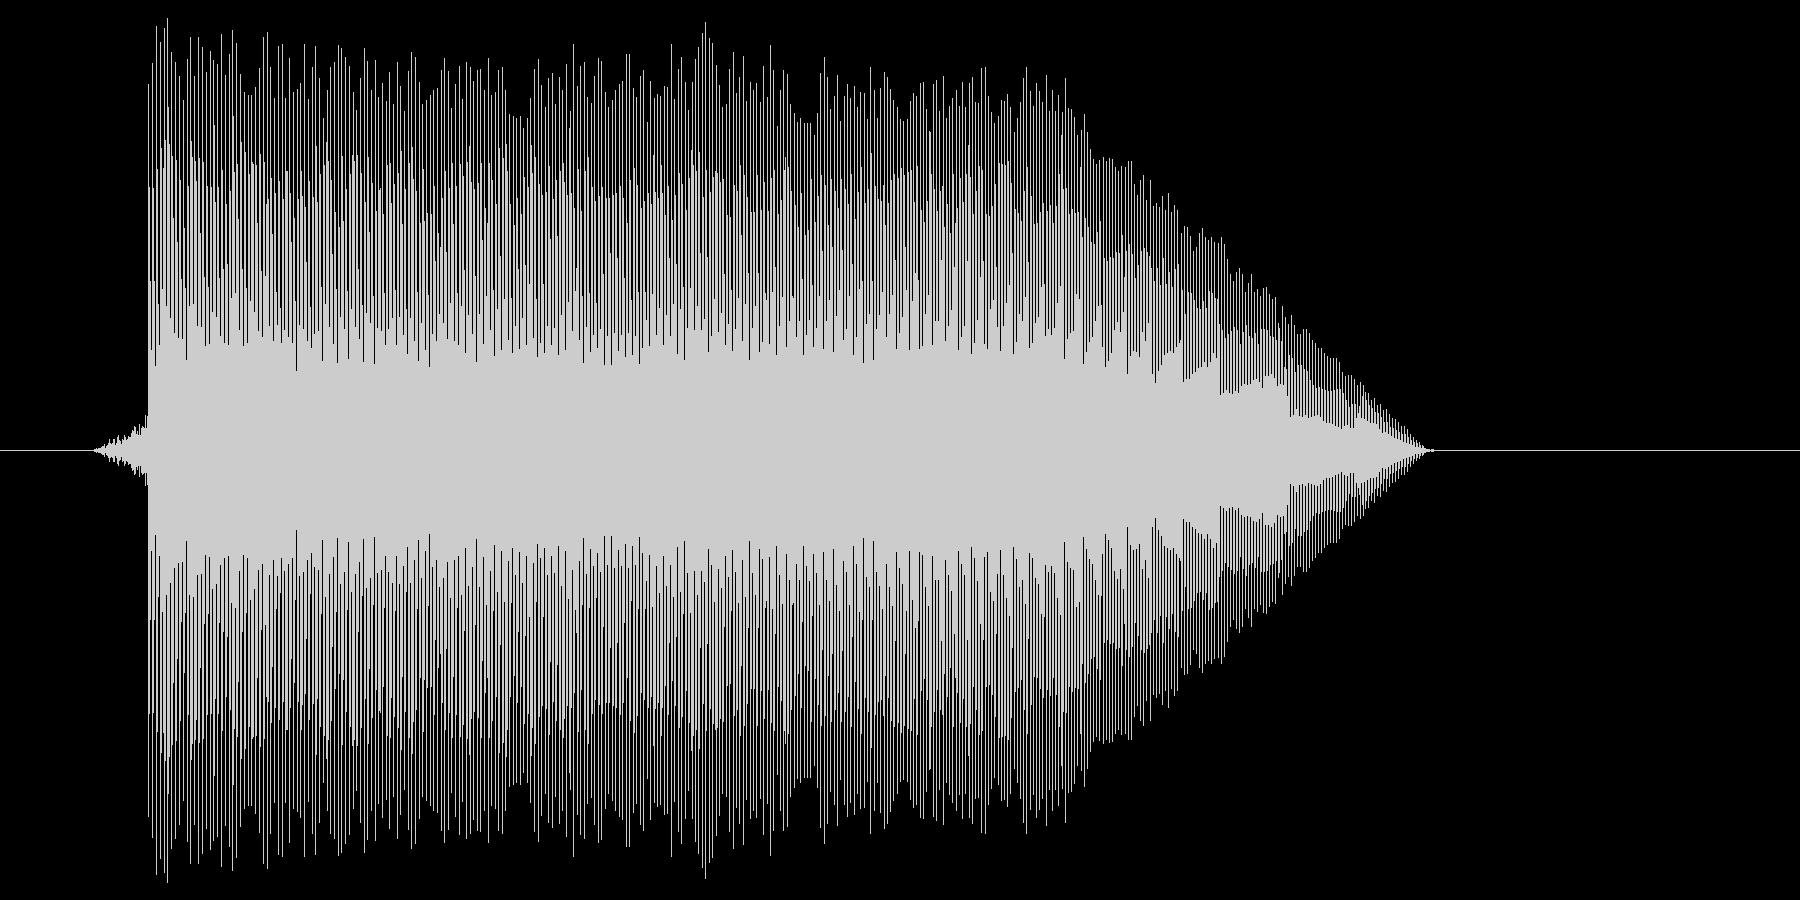 ゲーム(ファミコン風)ジャンプ音_018の未再生の波形